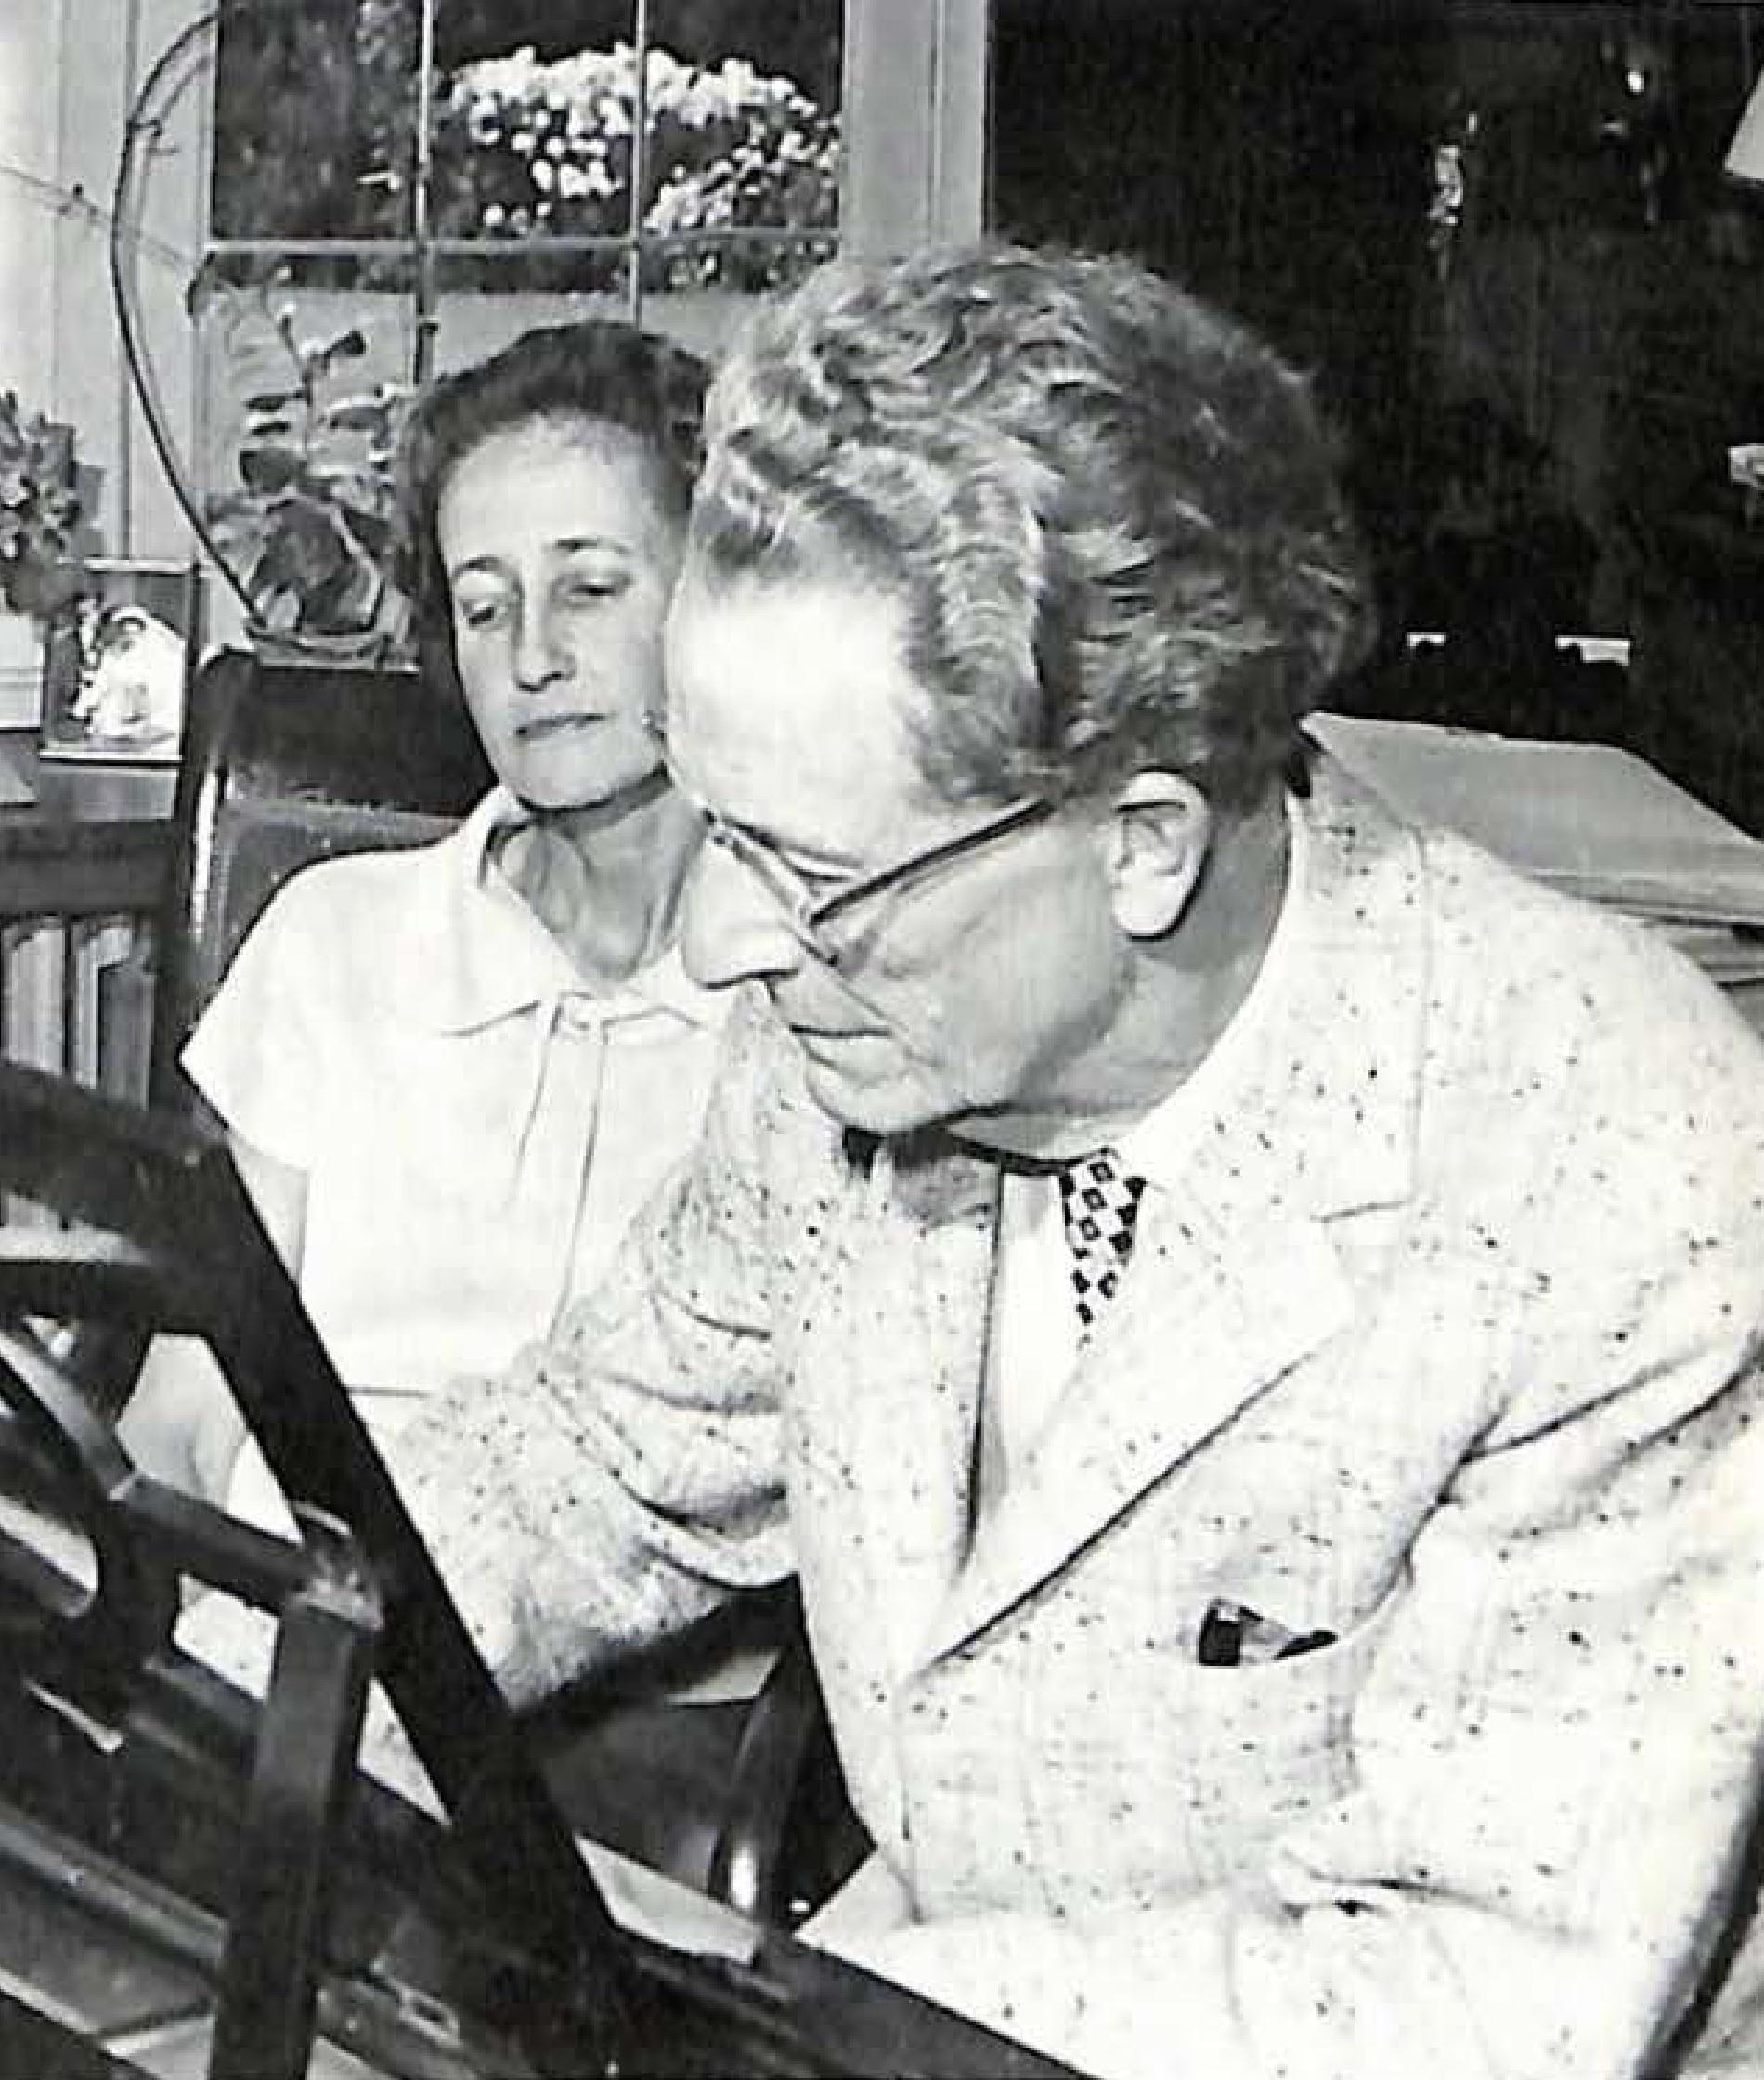 Maria et Frank MARTIN, Cliquer sur la photo pour une vue agrandie